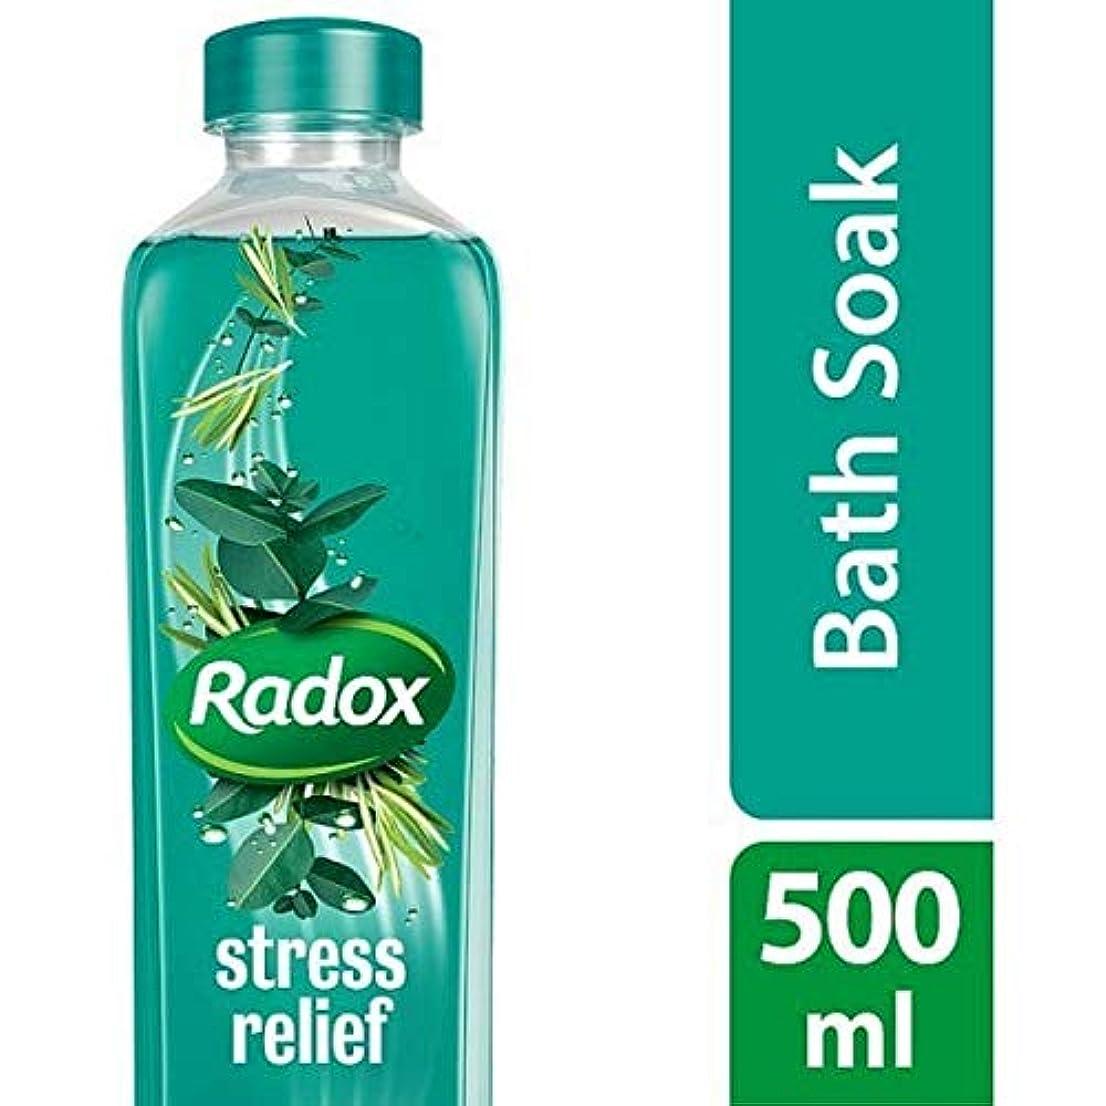 クラフトナラーバー対話[Radox] Radoxは、500ミリリットルのソーク良い香りストレスリリーフ風呂を感じます - Radox Feel Good Fragrance Stress Relief Bath Soak 500ml [並行輸入品]